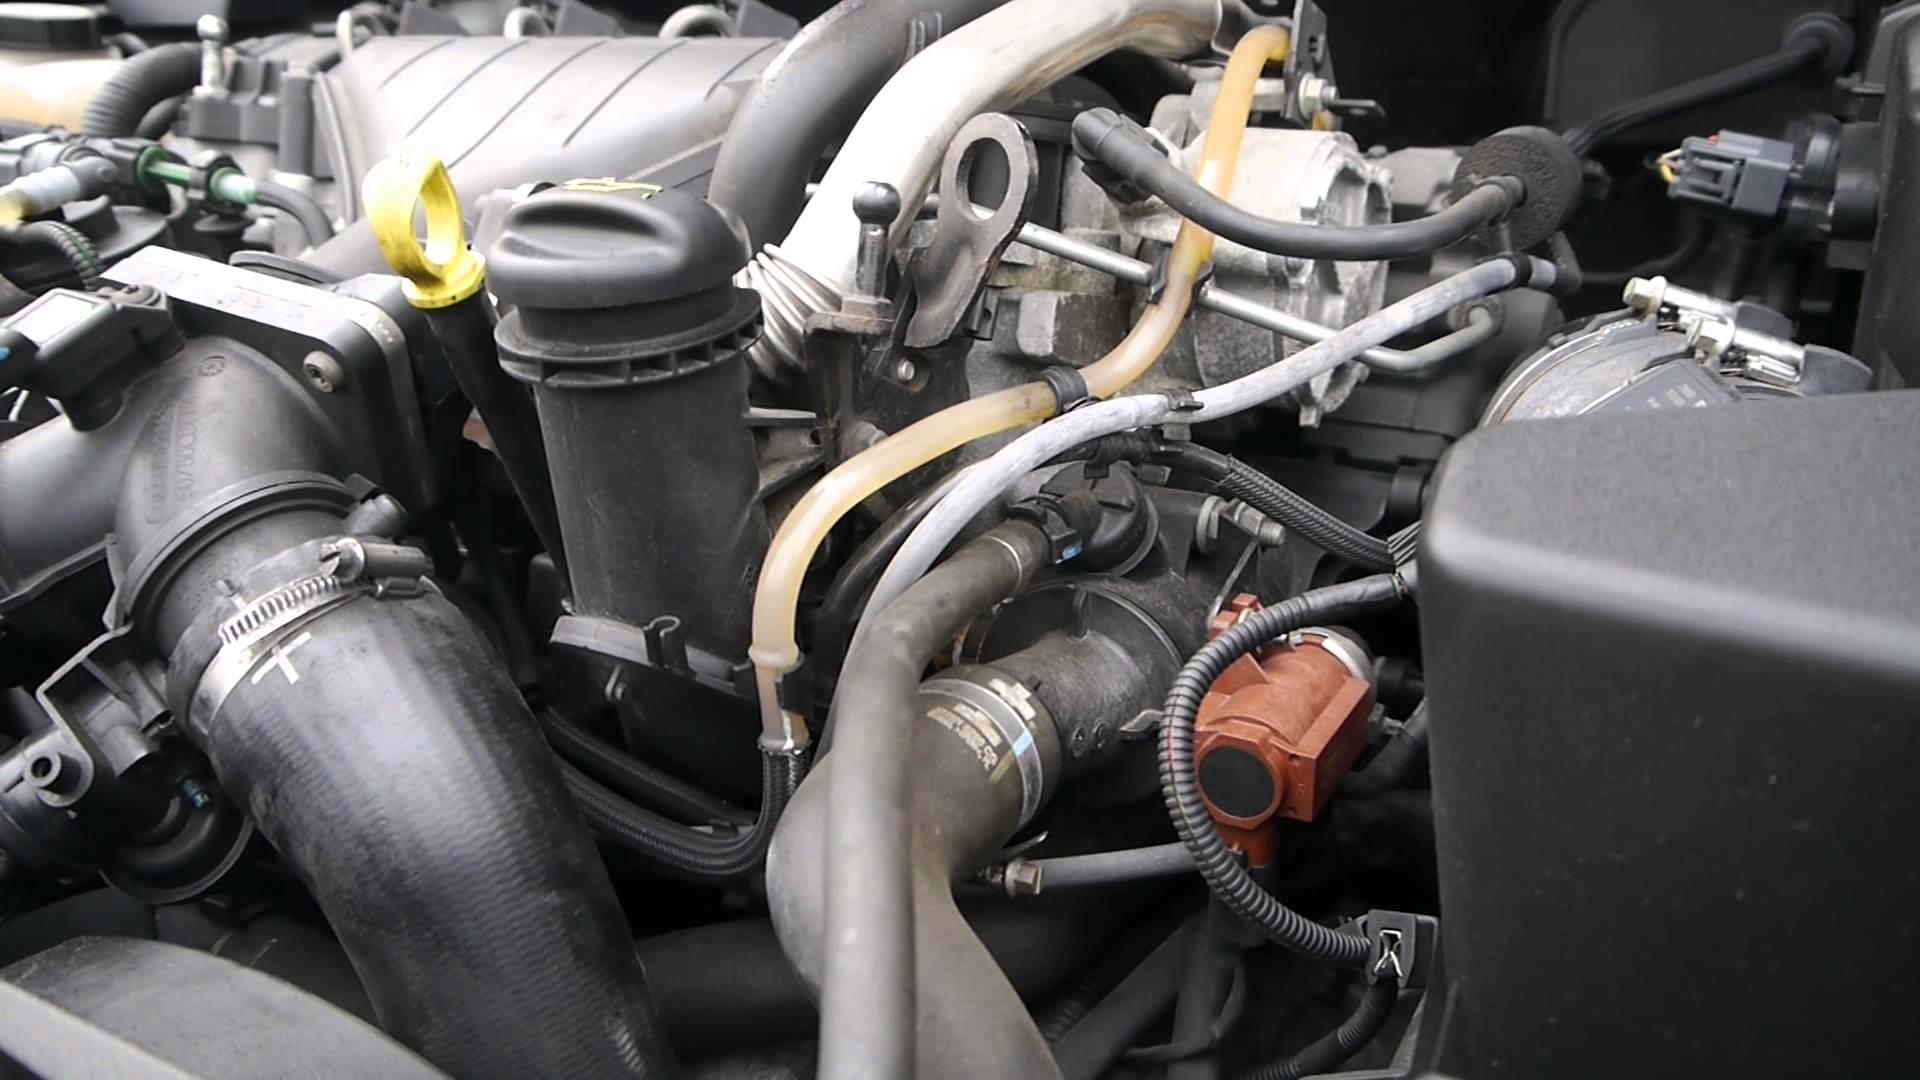 Volvo V50 Fuse Box Problems : Volvo s fuse box location dodge caliber